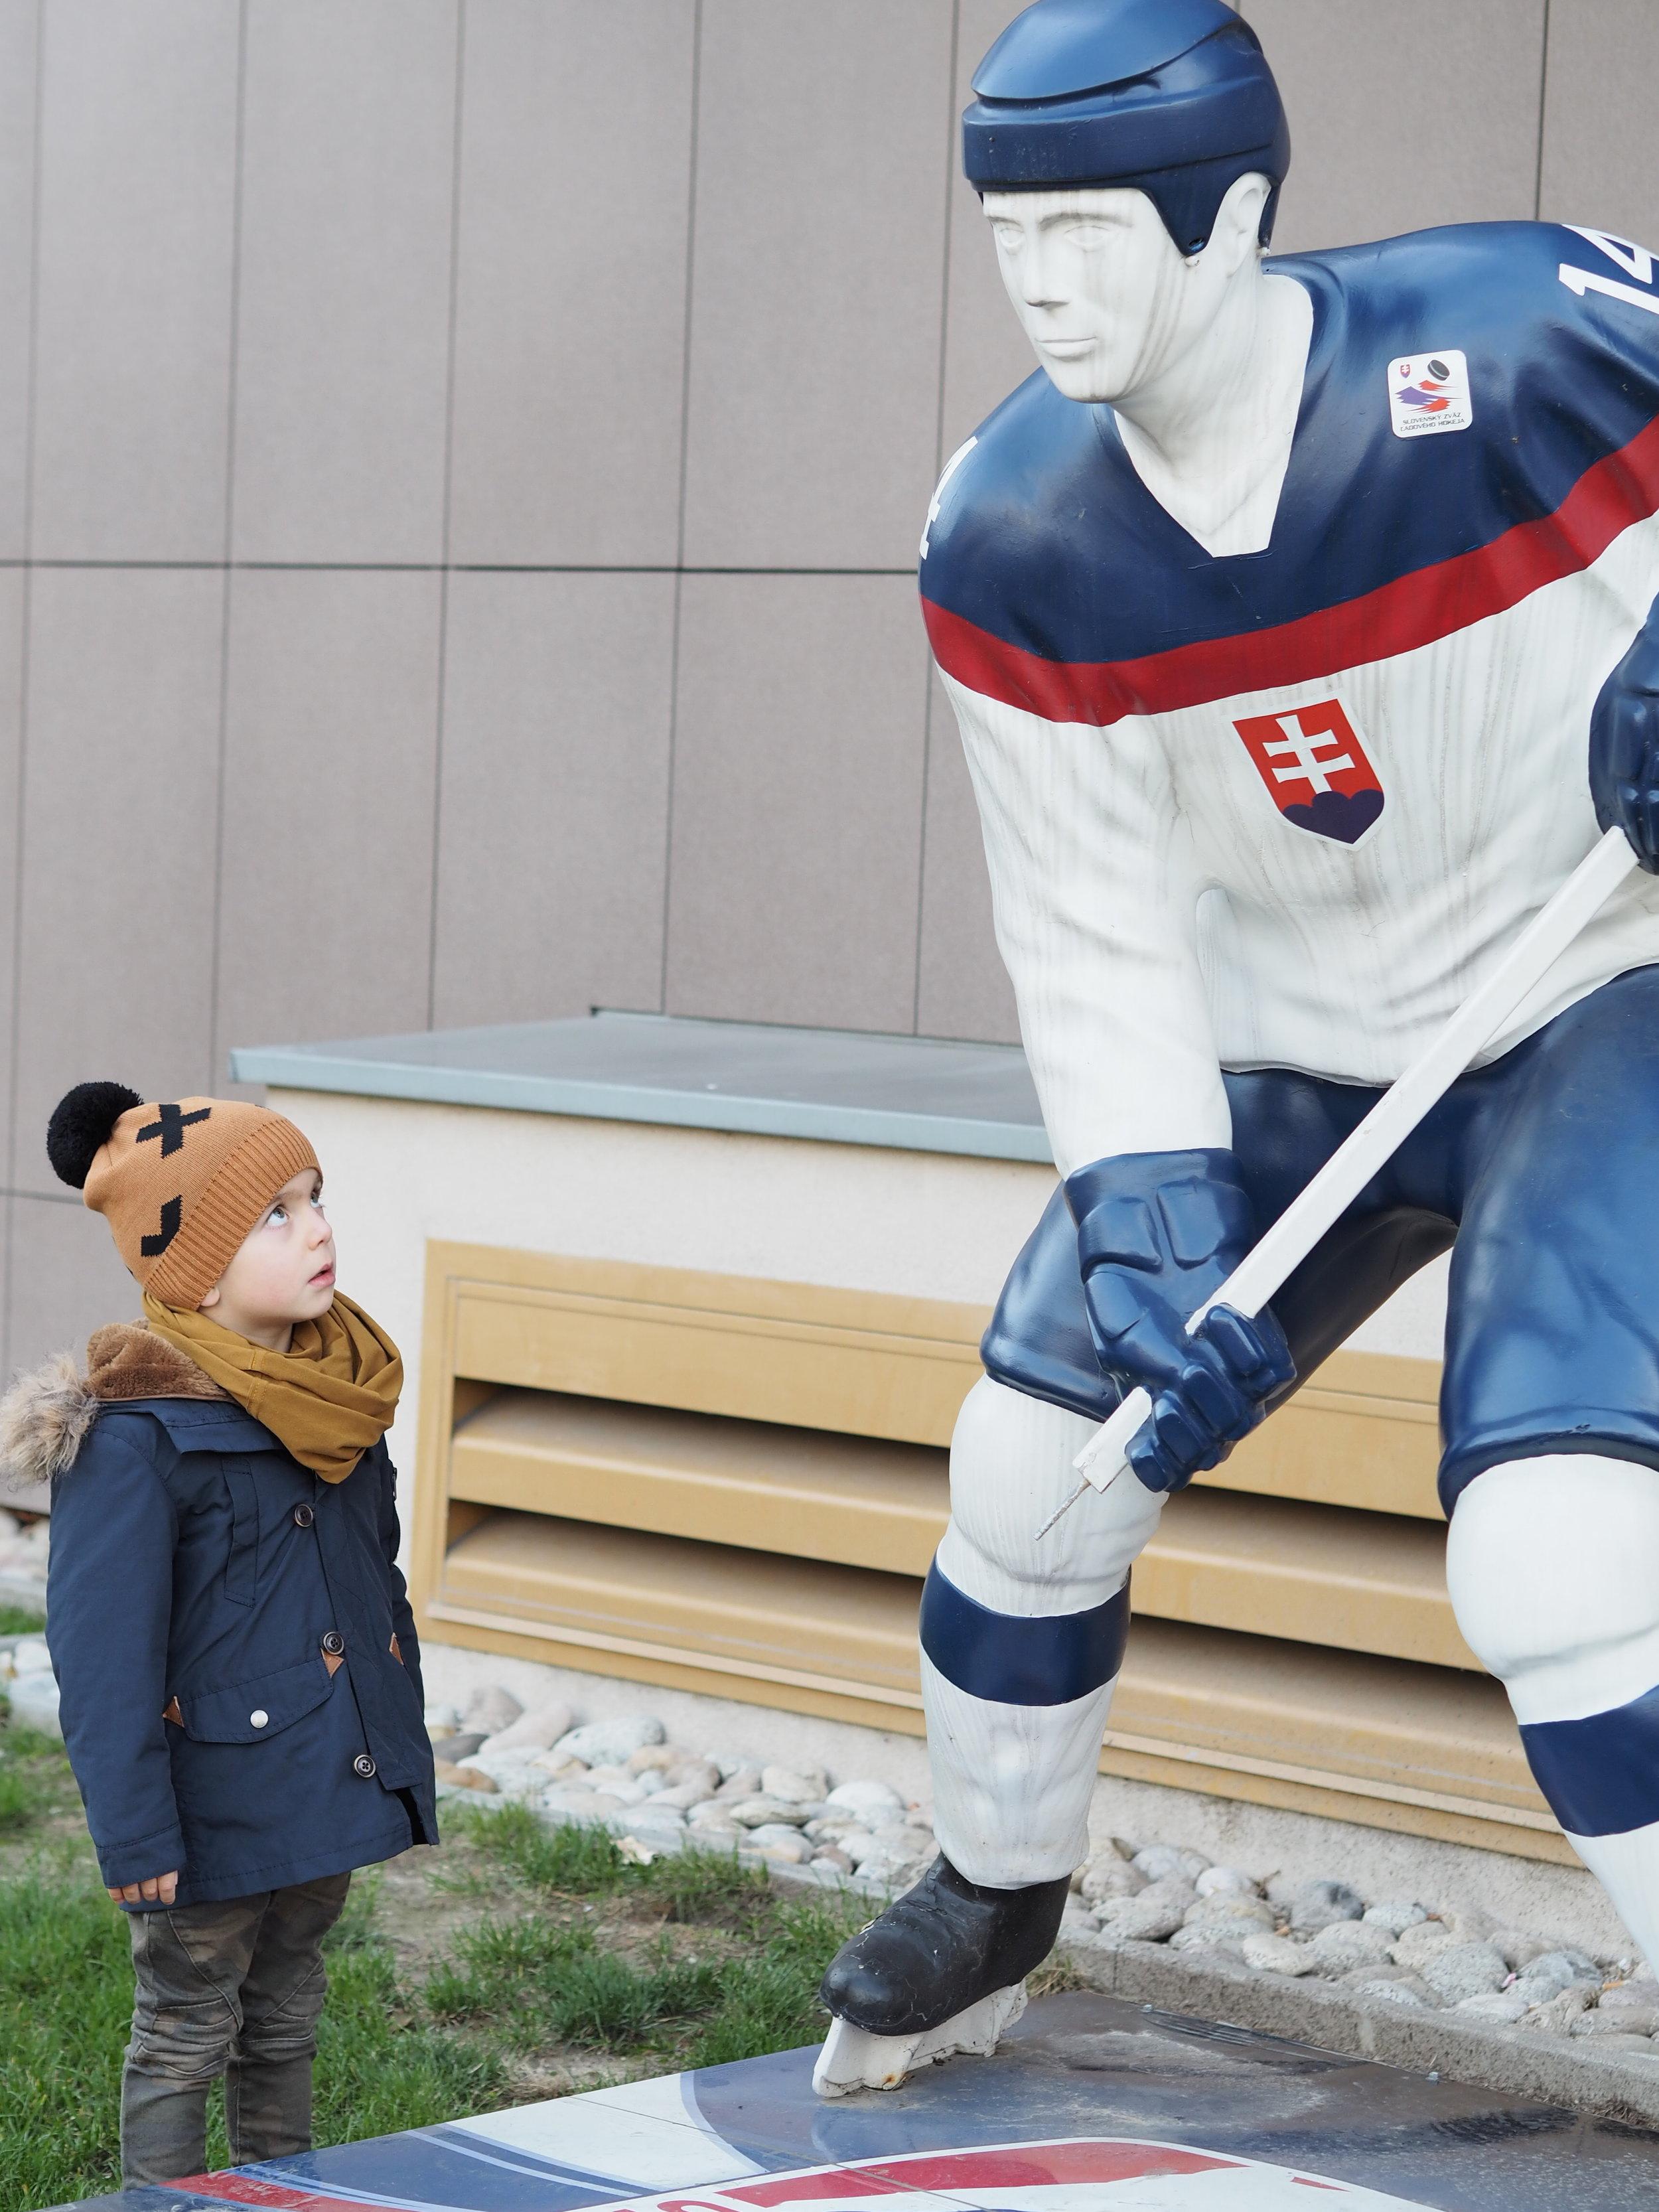 Zpětně si říkám, zdali to není pomník pro nějakého zesnulého slovenského hokejistu...